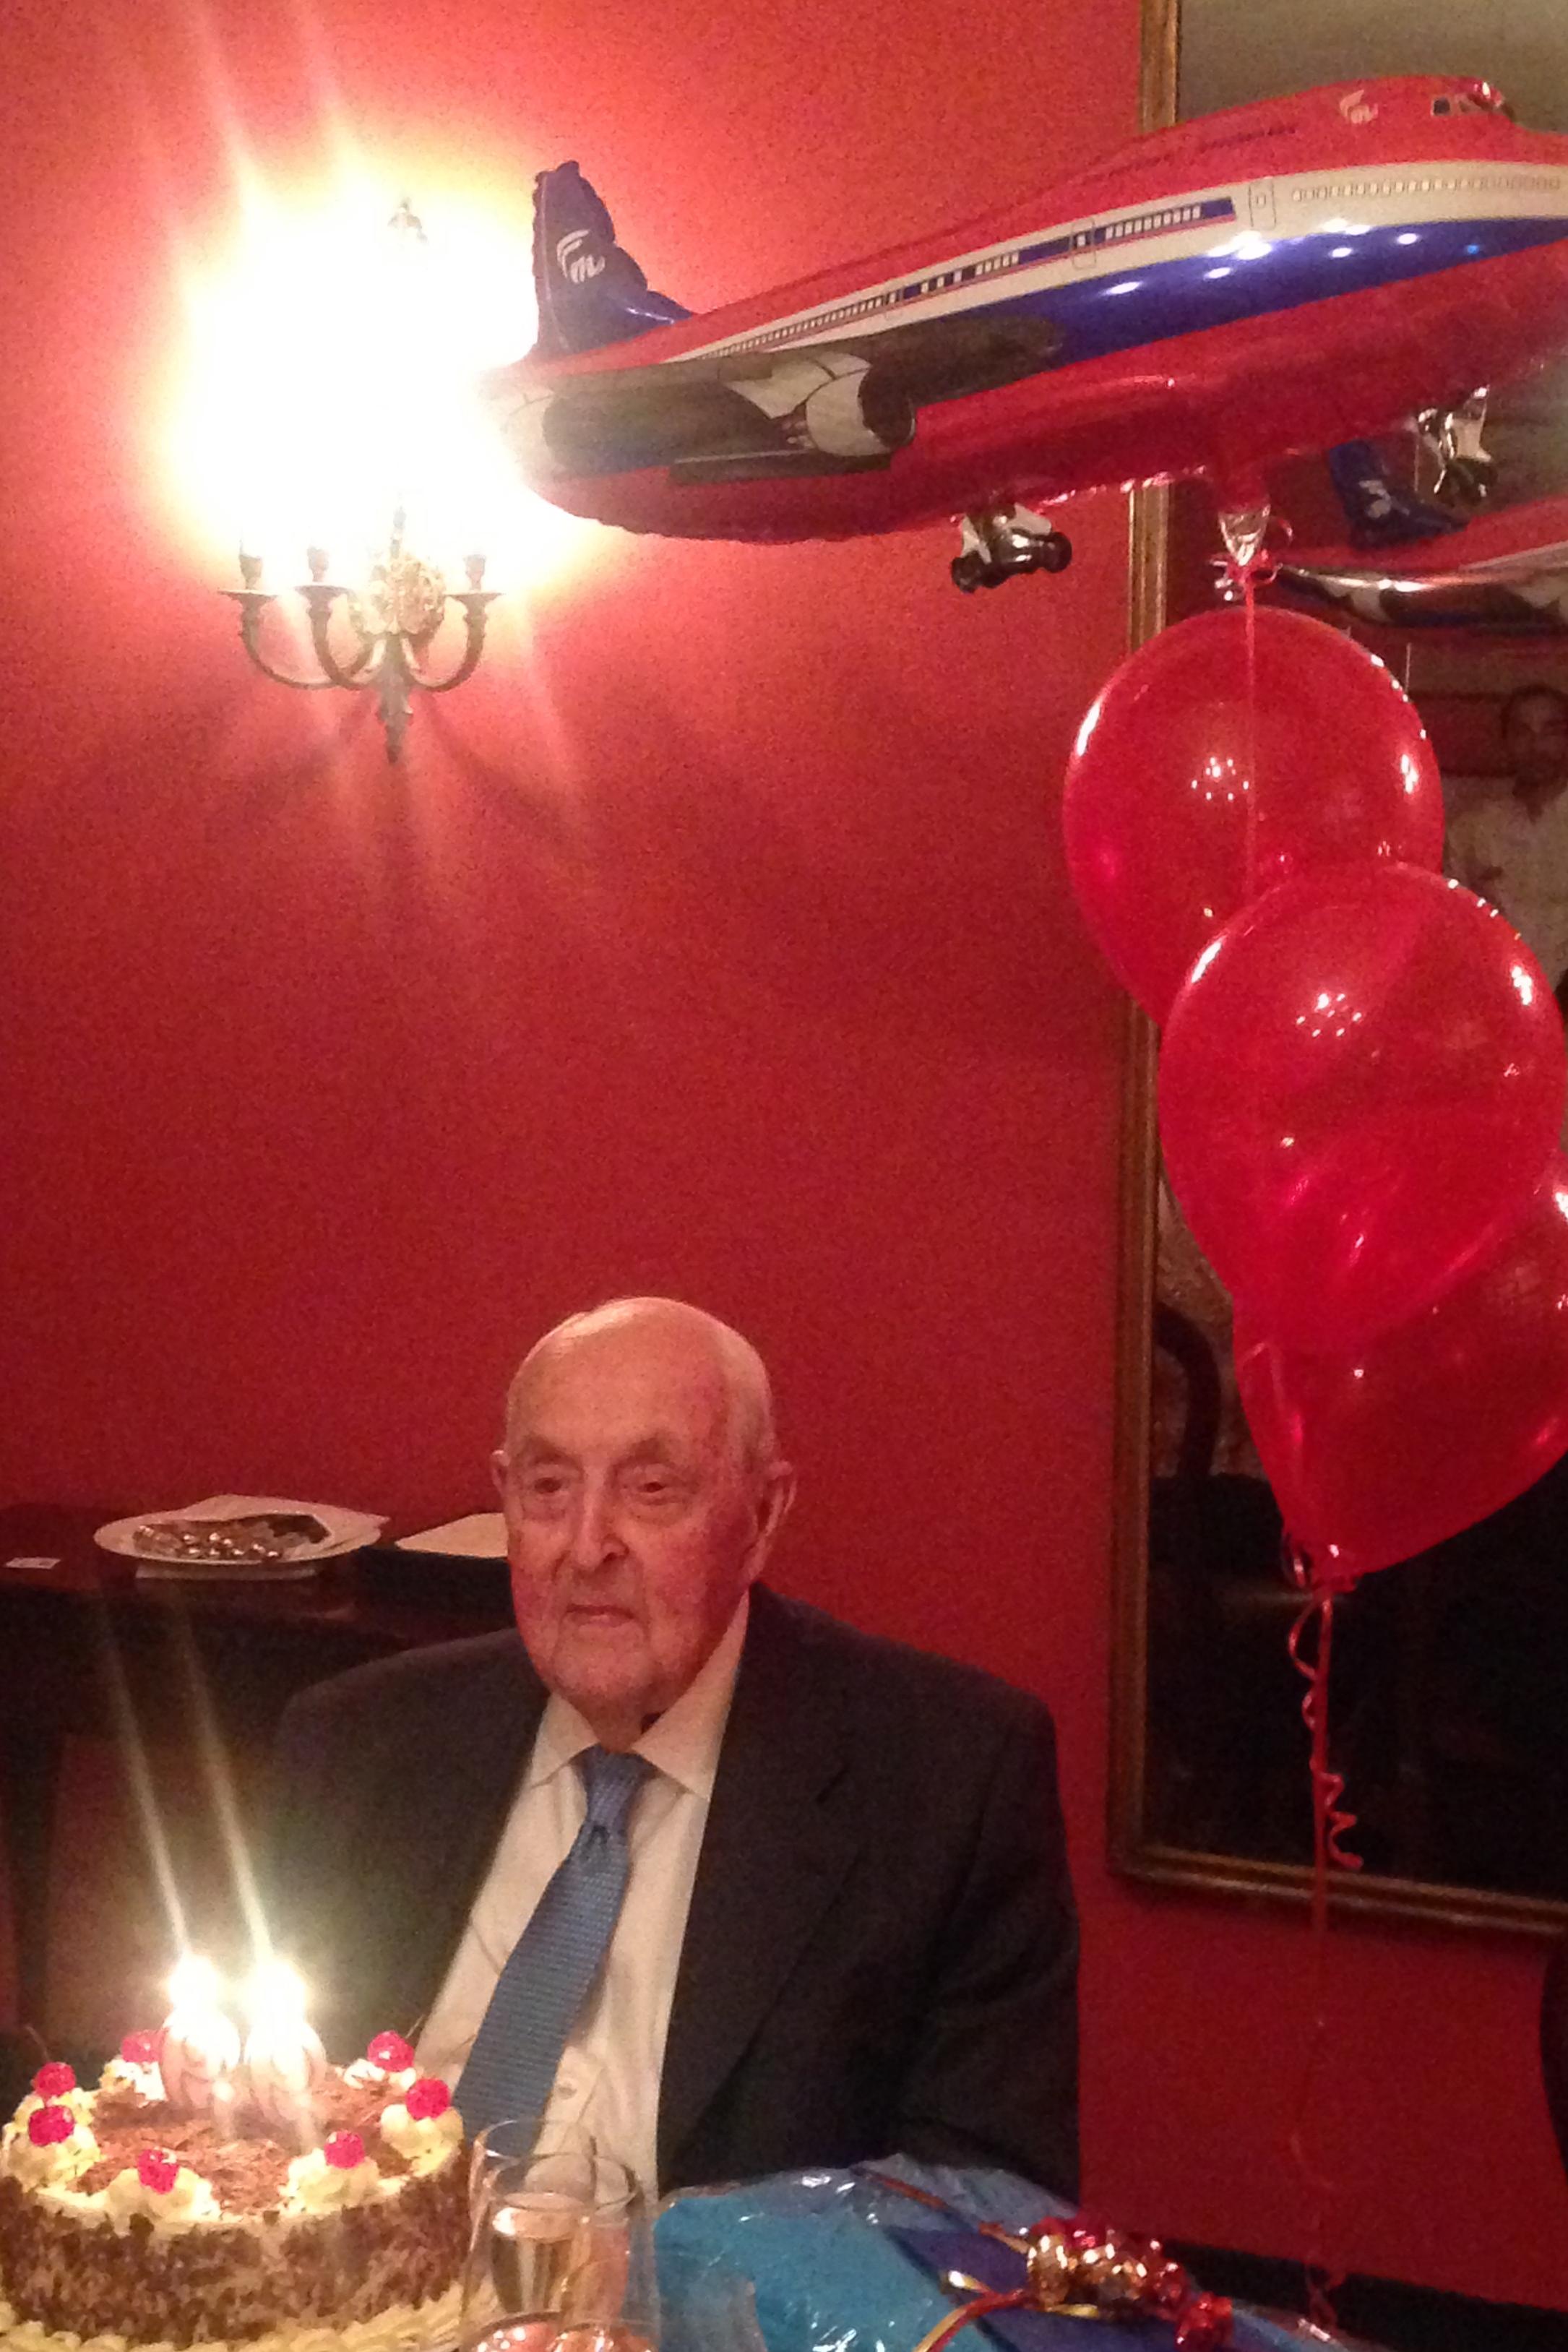 Sir Lennox celebratimg 99th Birthday at Union Club, Sidney - 2, 7 May '16.JPG